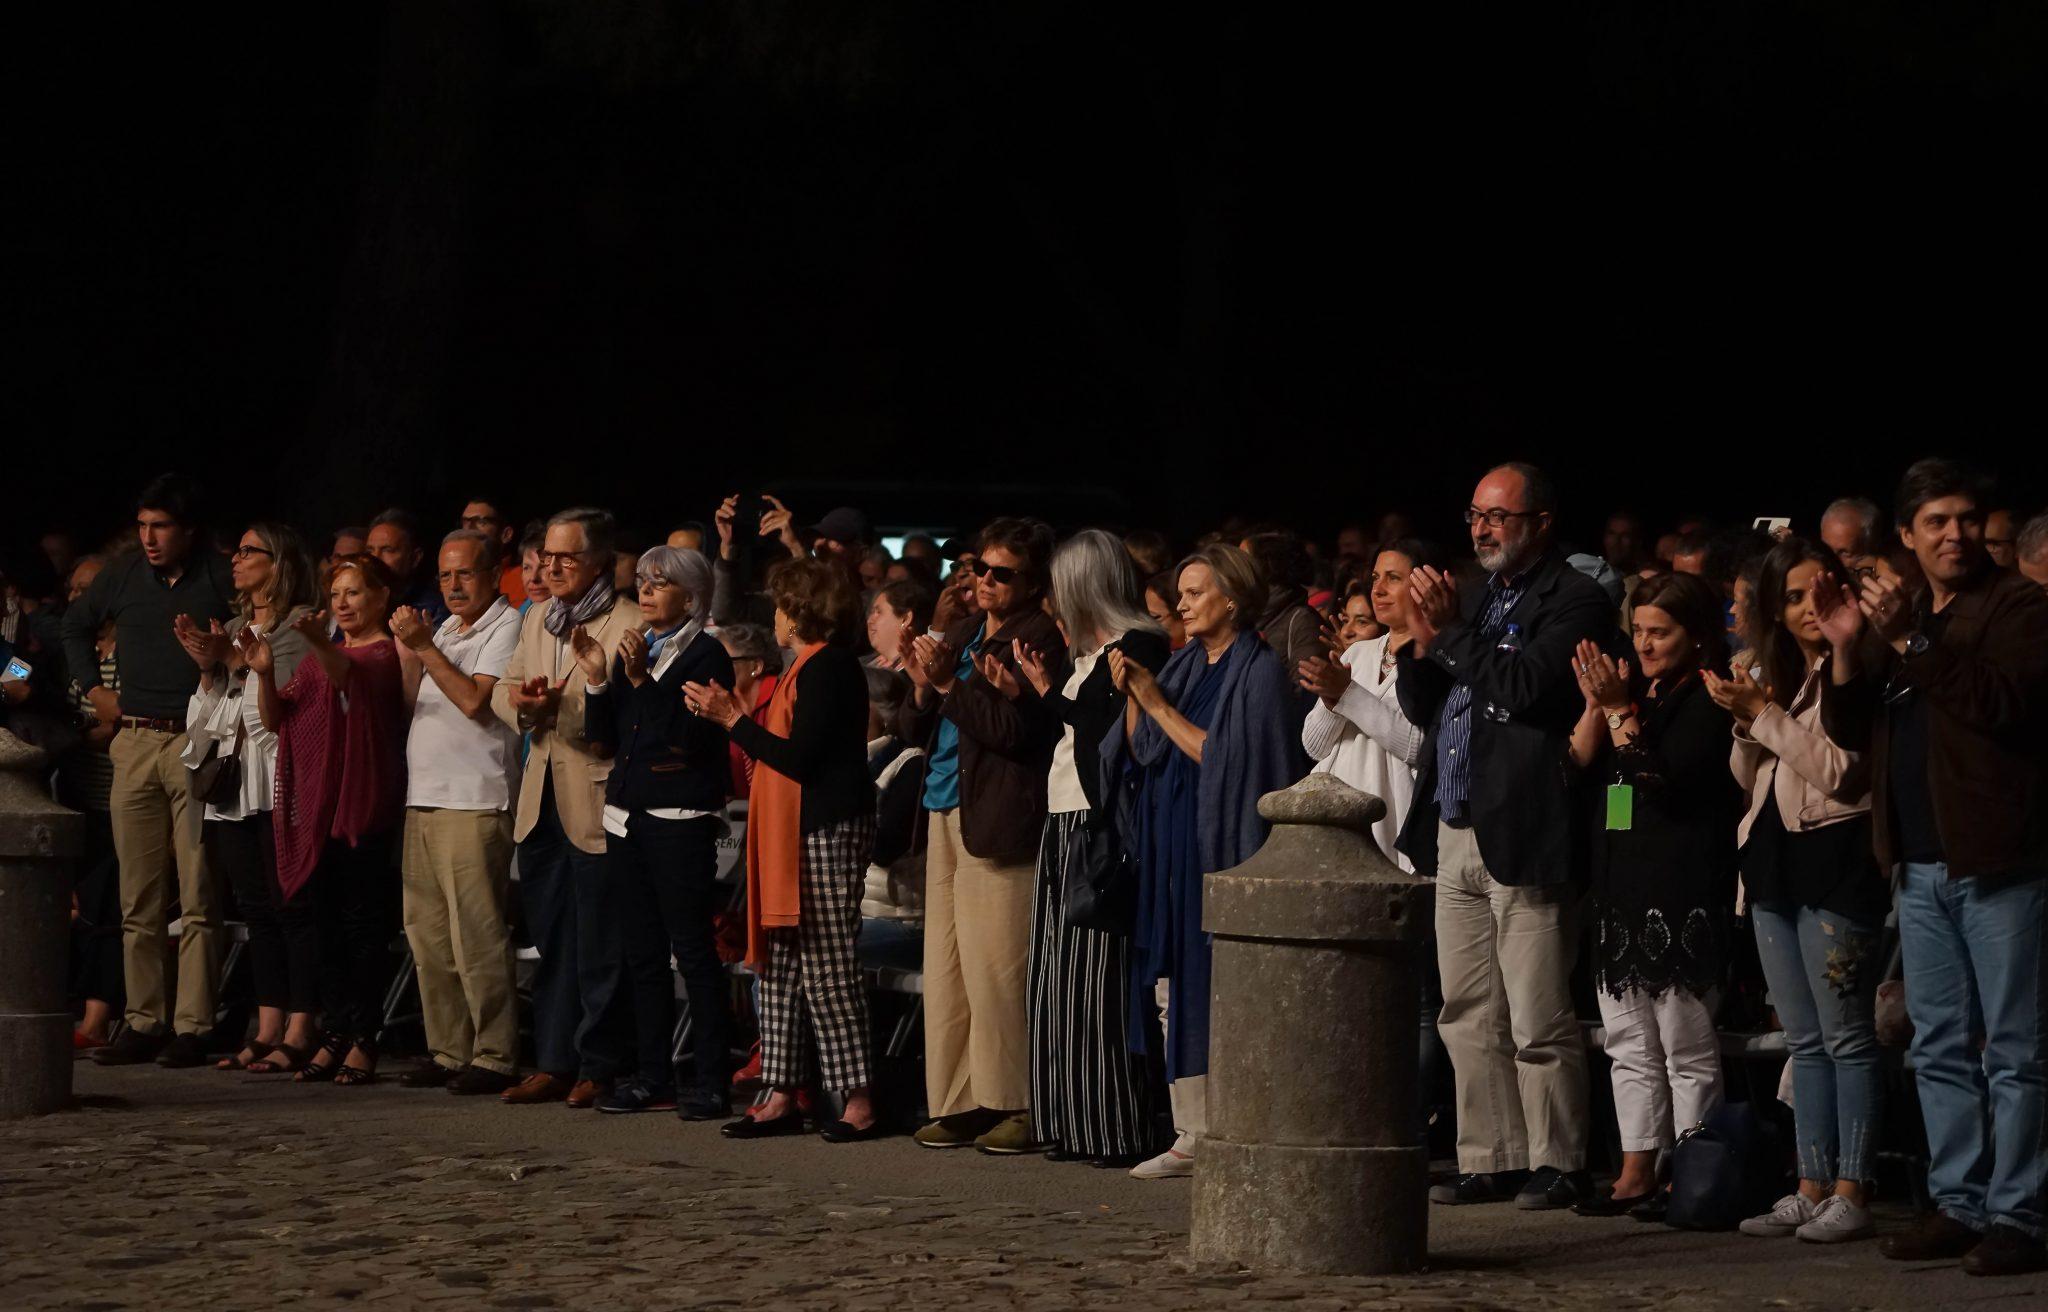 Várias pessoas de pé, a aplaudir